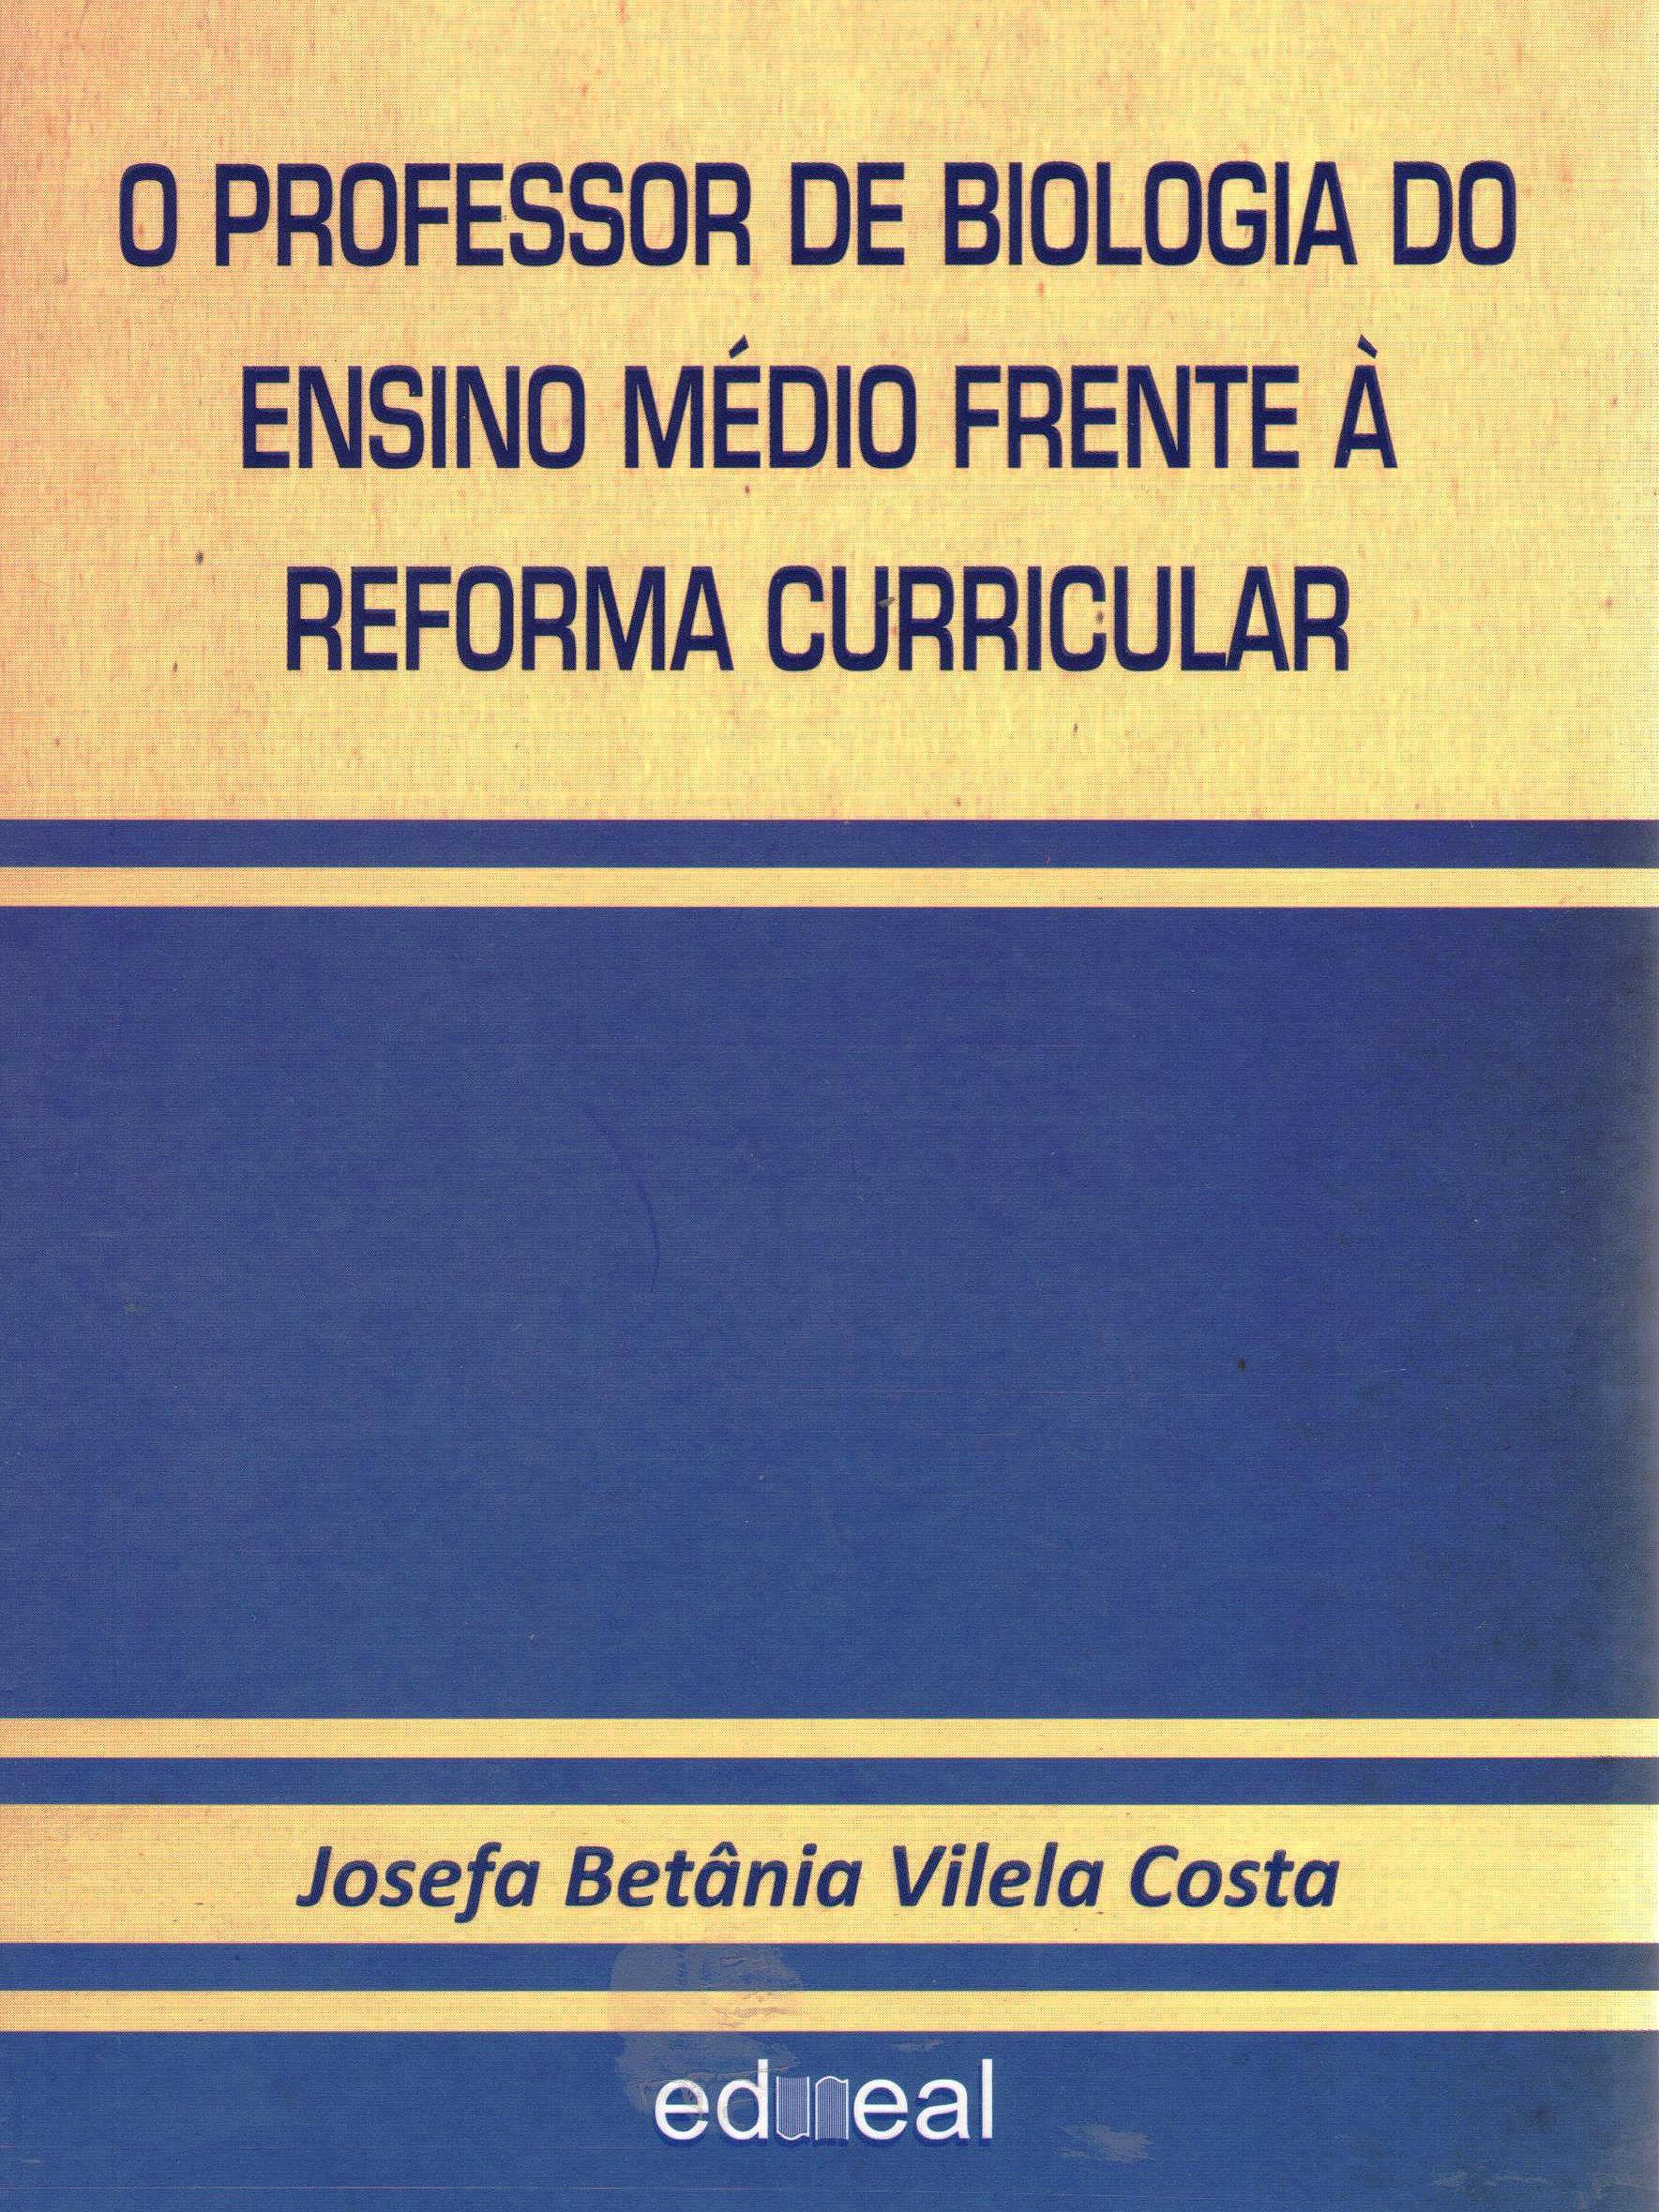 O Professor de Biologia do Ensino Médio Frente à Reforma Curricular, livro de Josefa Betânia Vilela Costa